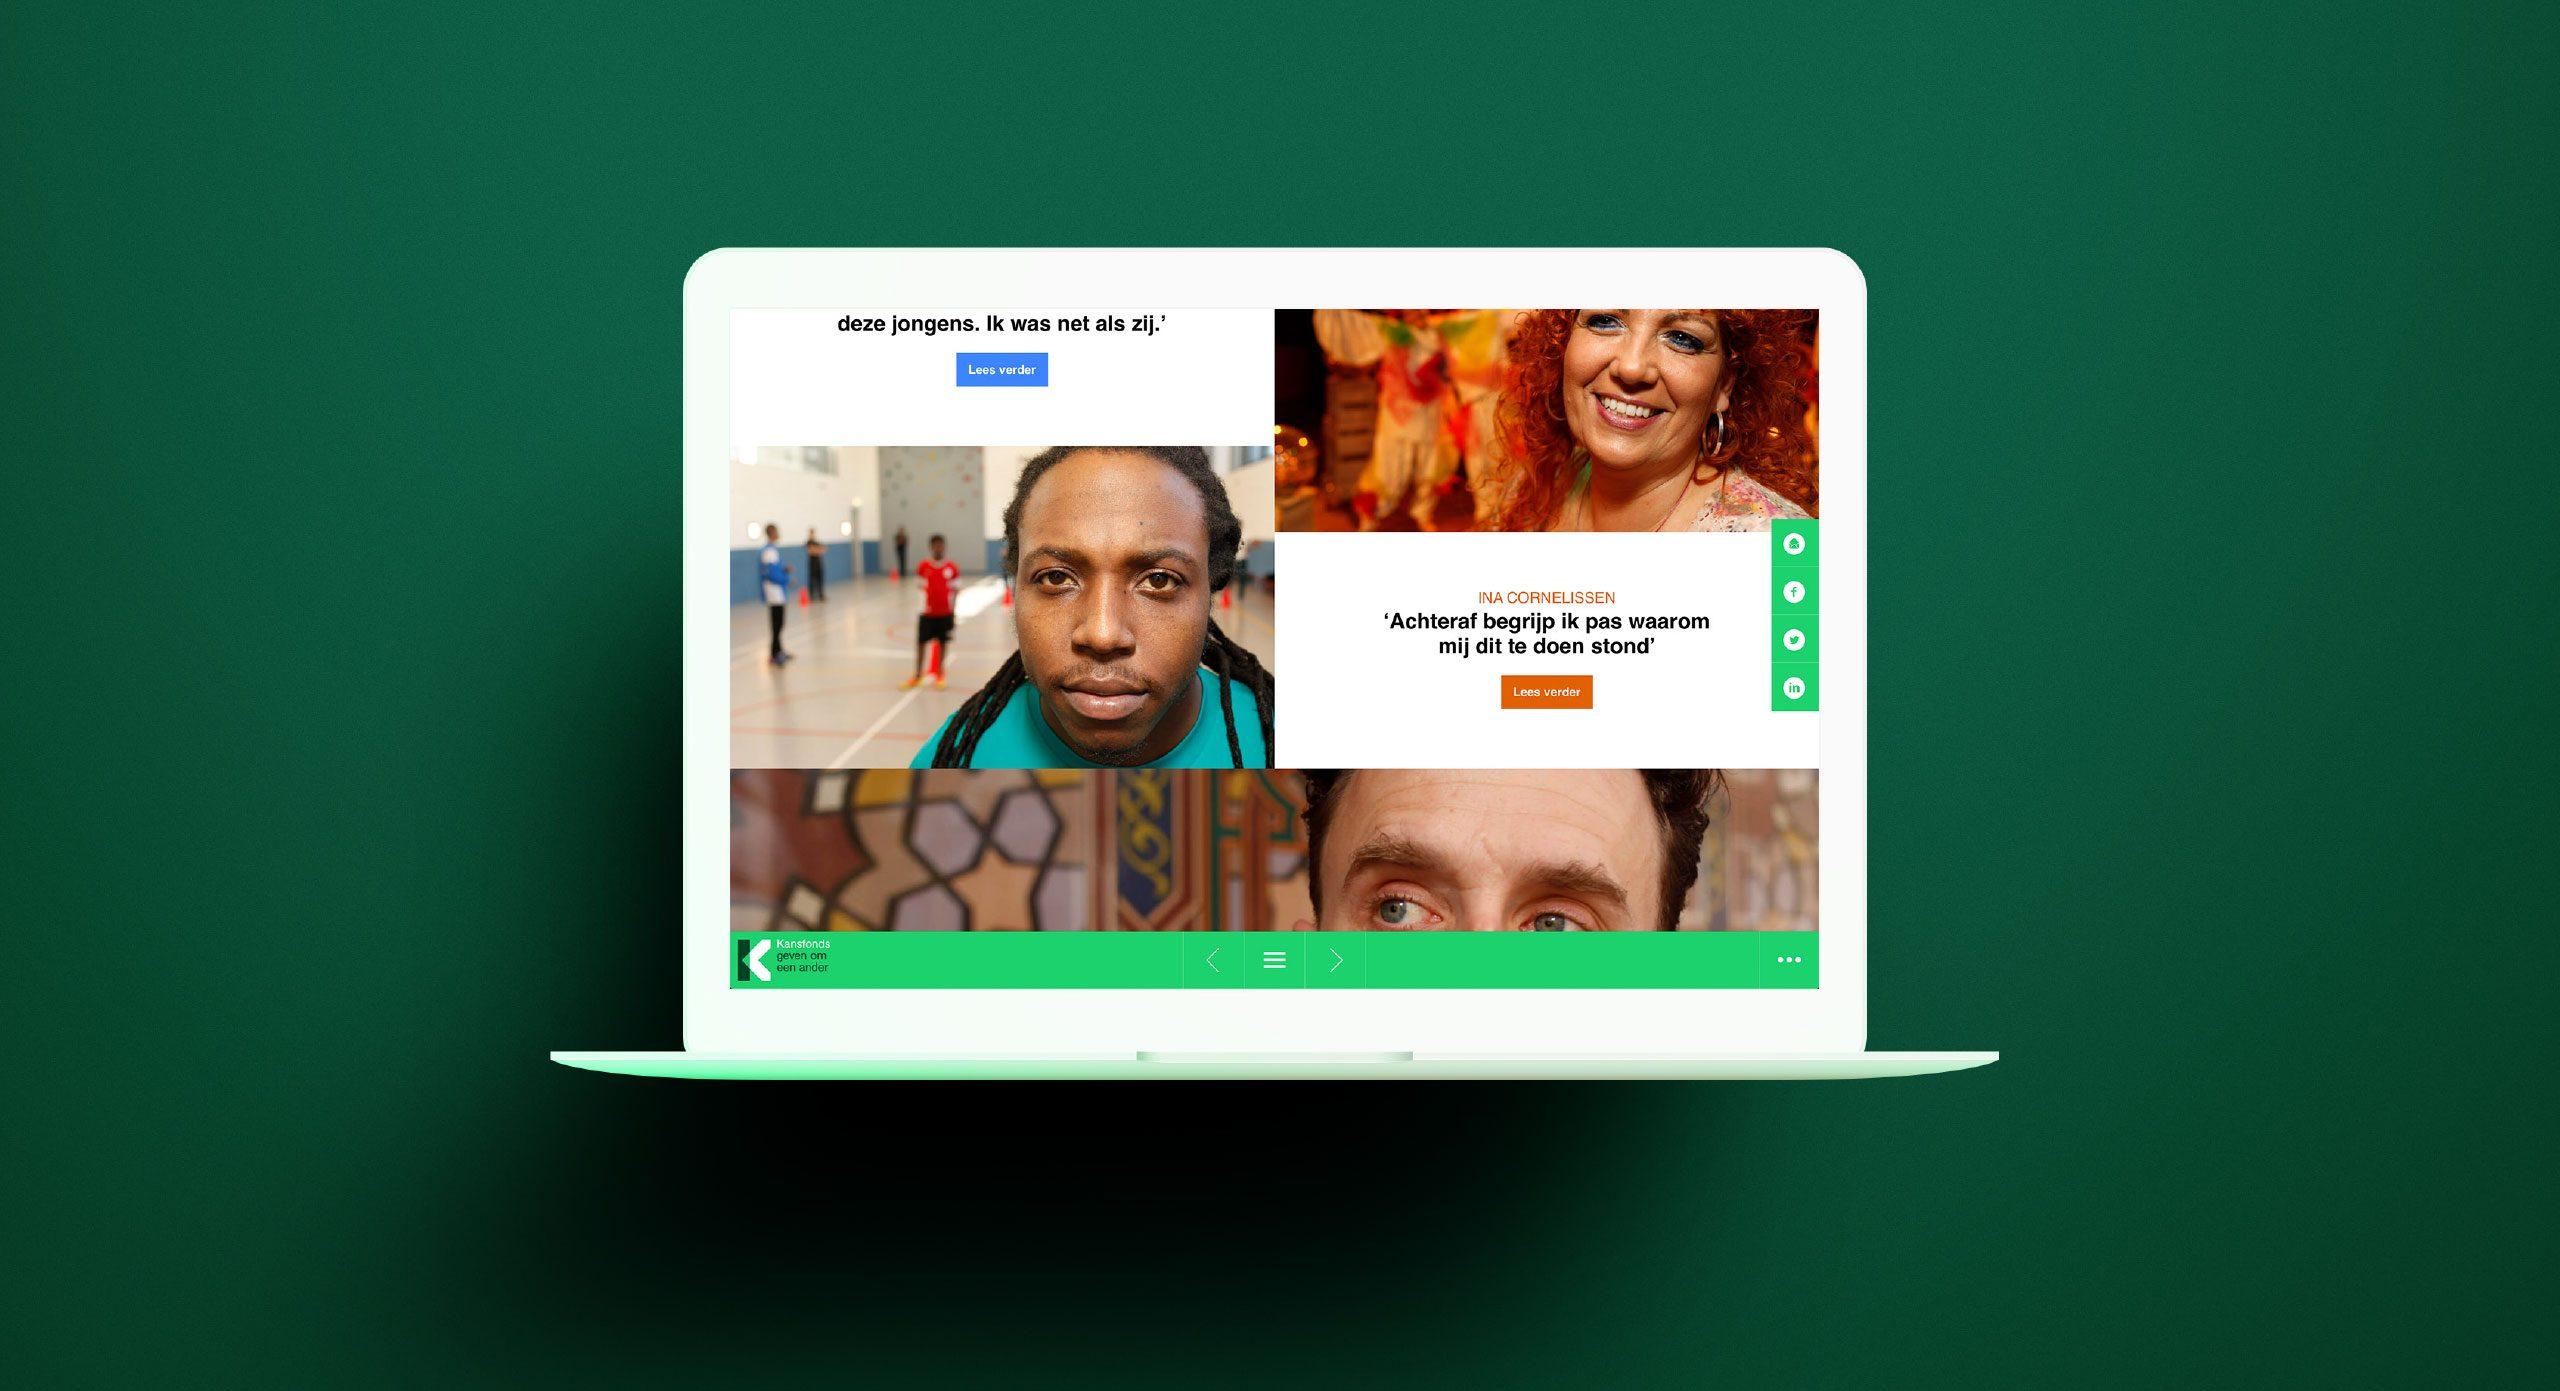 Responsive-online-magazine-jaarverslag-kansfonds-digitaal-jaarverslag-dutchgiraffe-03